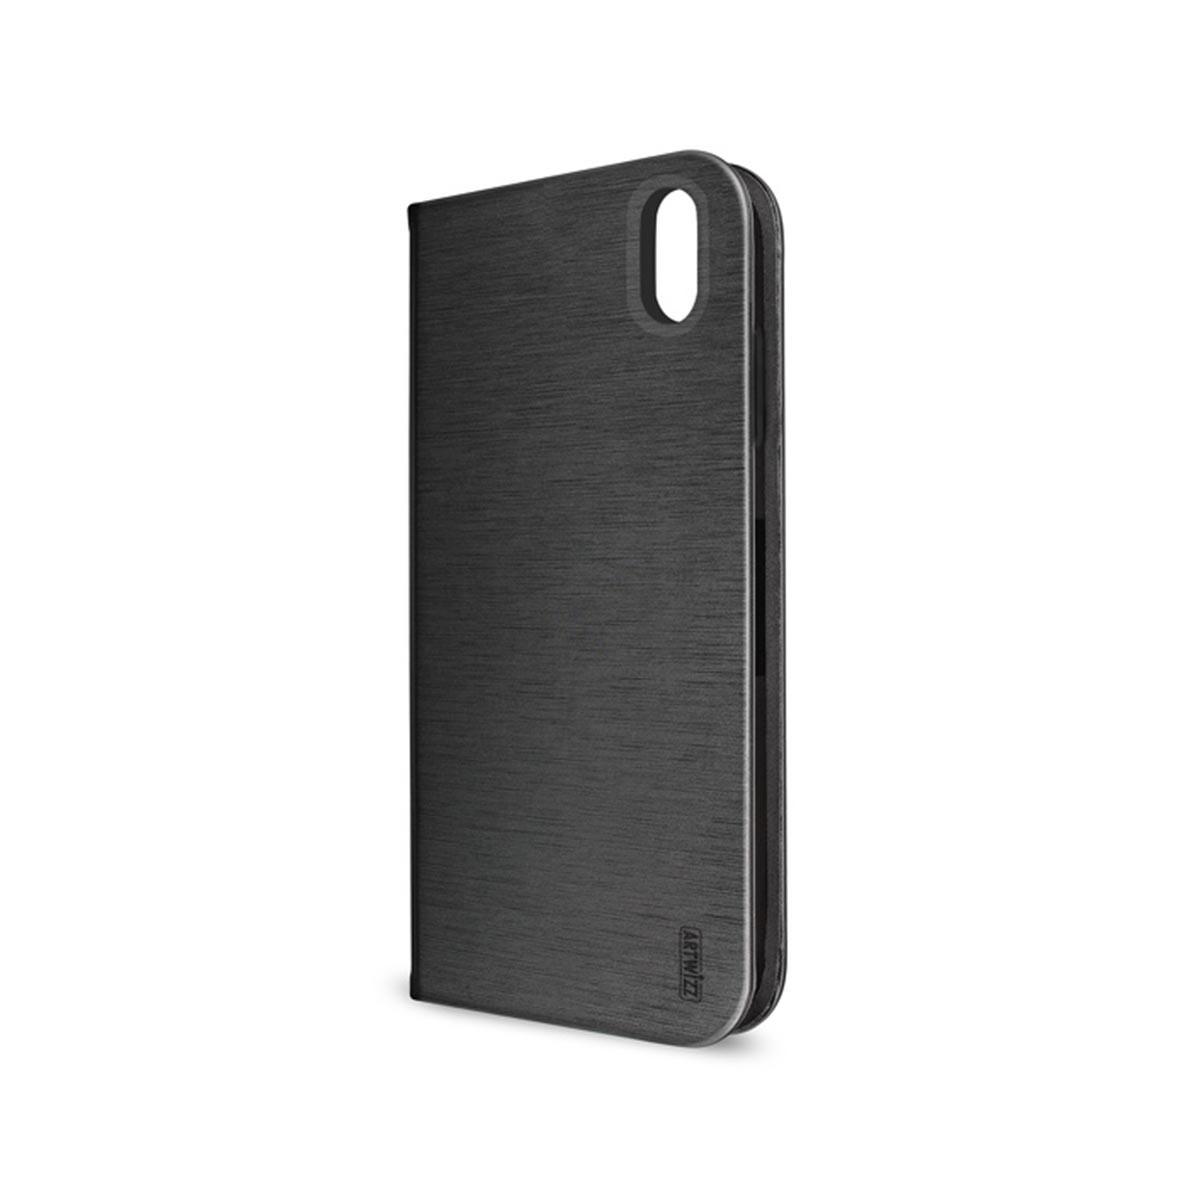 Artwizz FolioJacket for iPhone X - Black